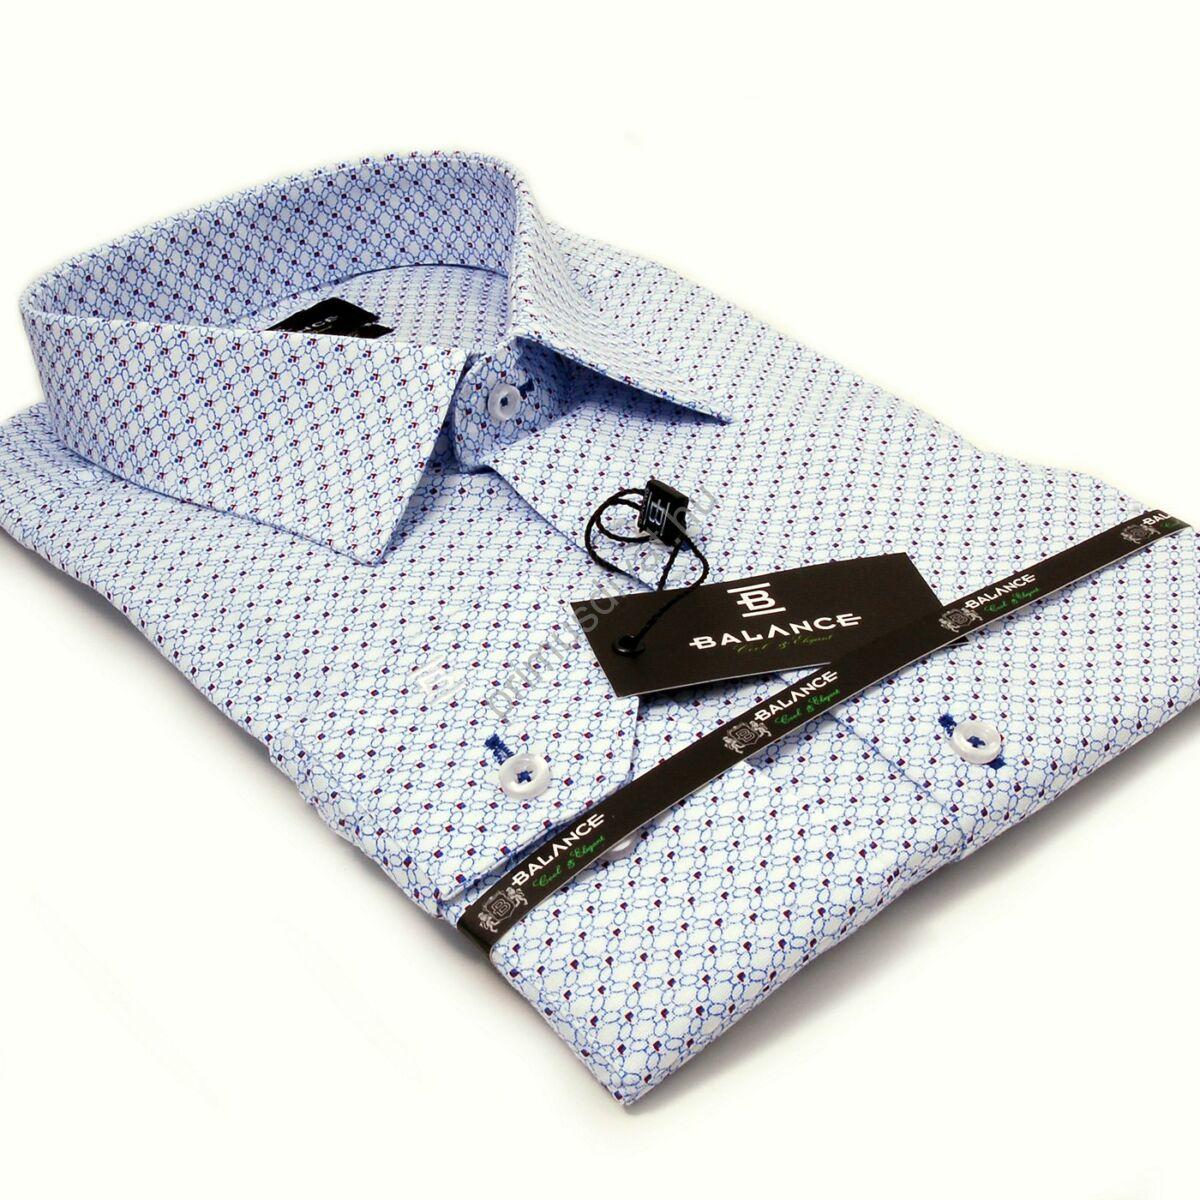 1b0ba921ba Balance rugalmas anyagú kék-bordó mintás fehér karcsúsított body-fit hosszú  ujjú ing